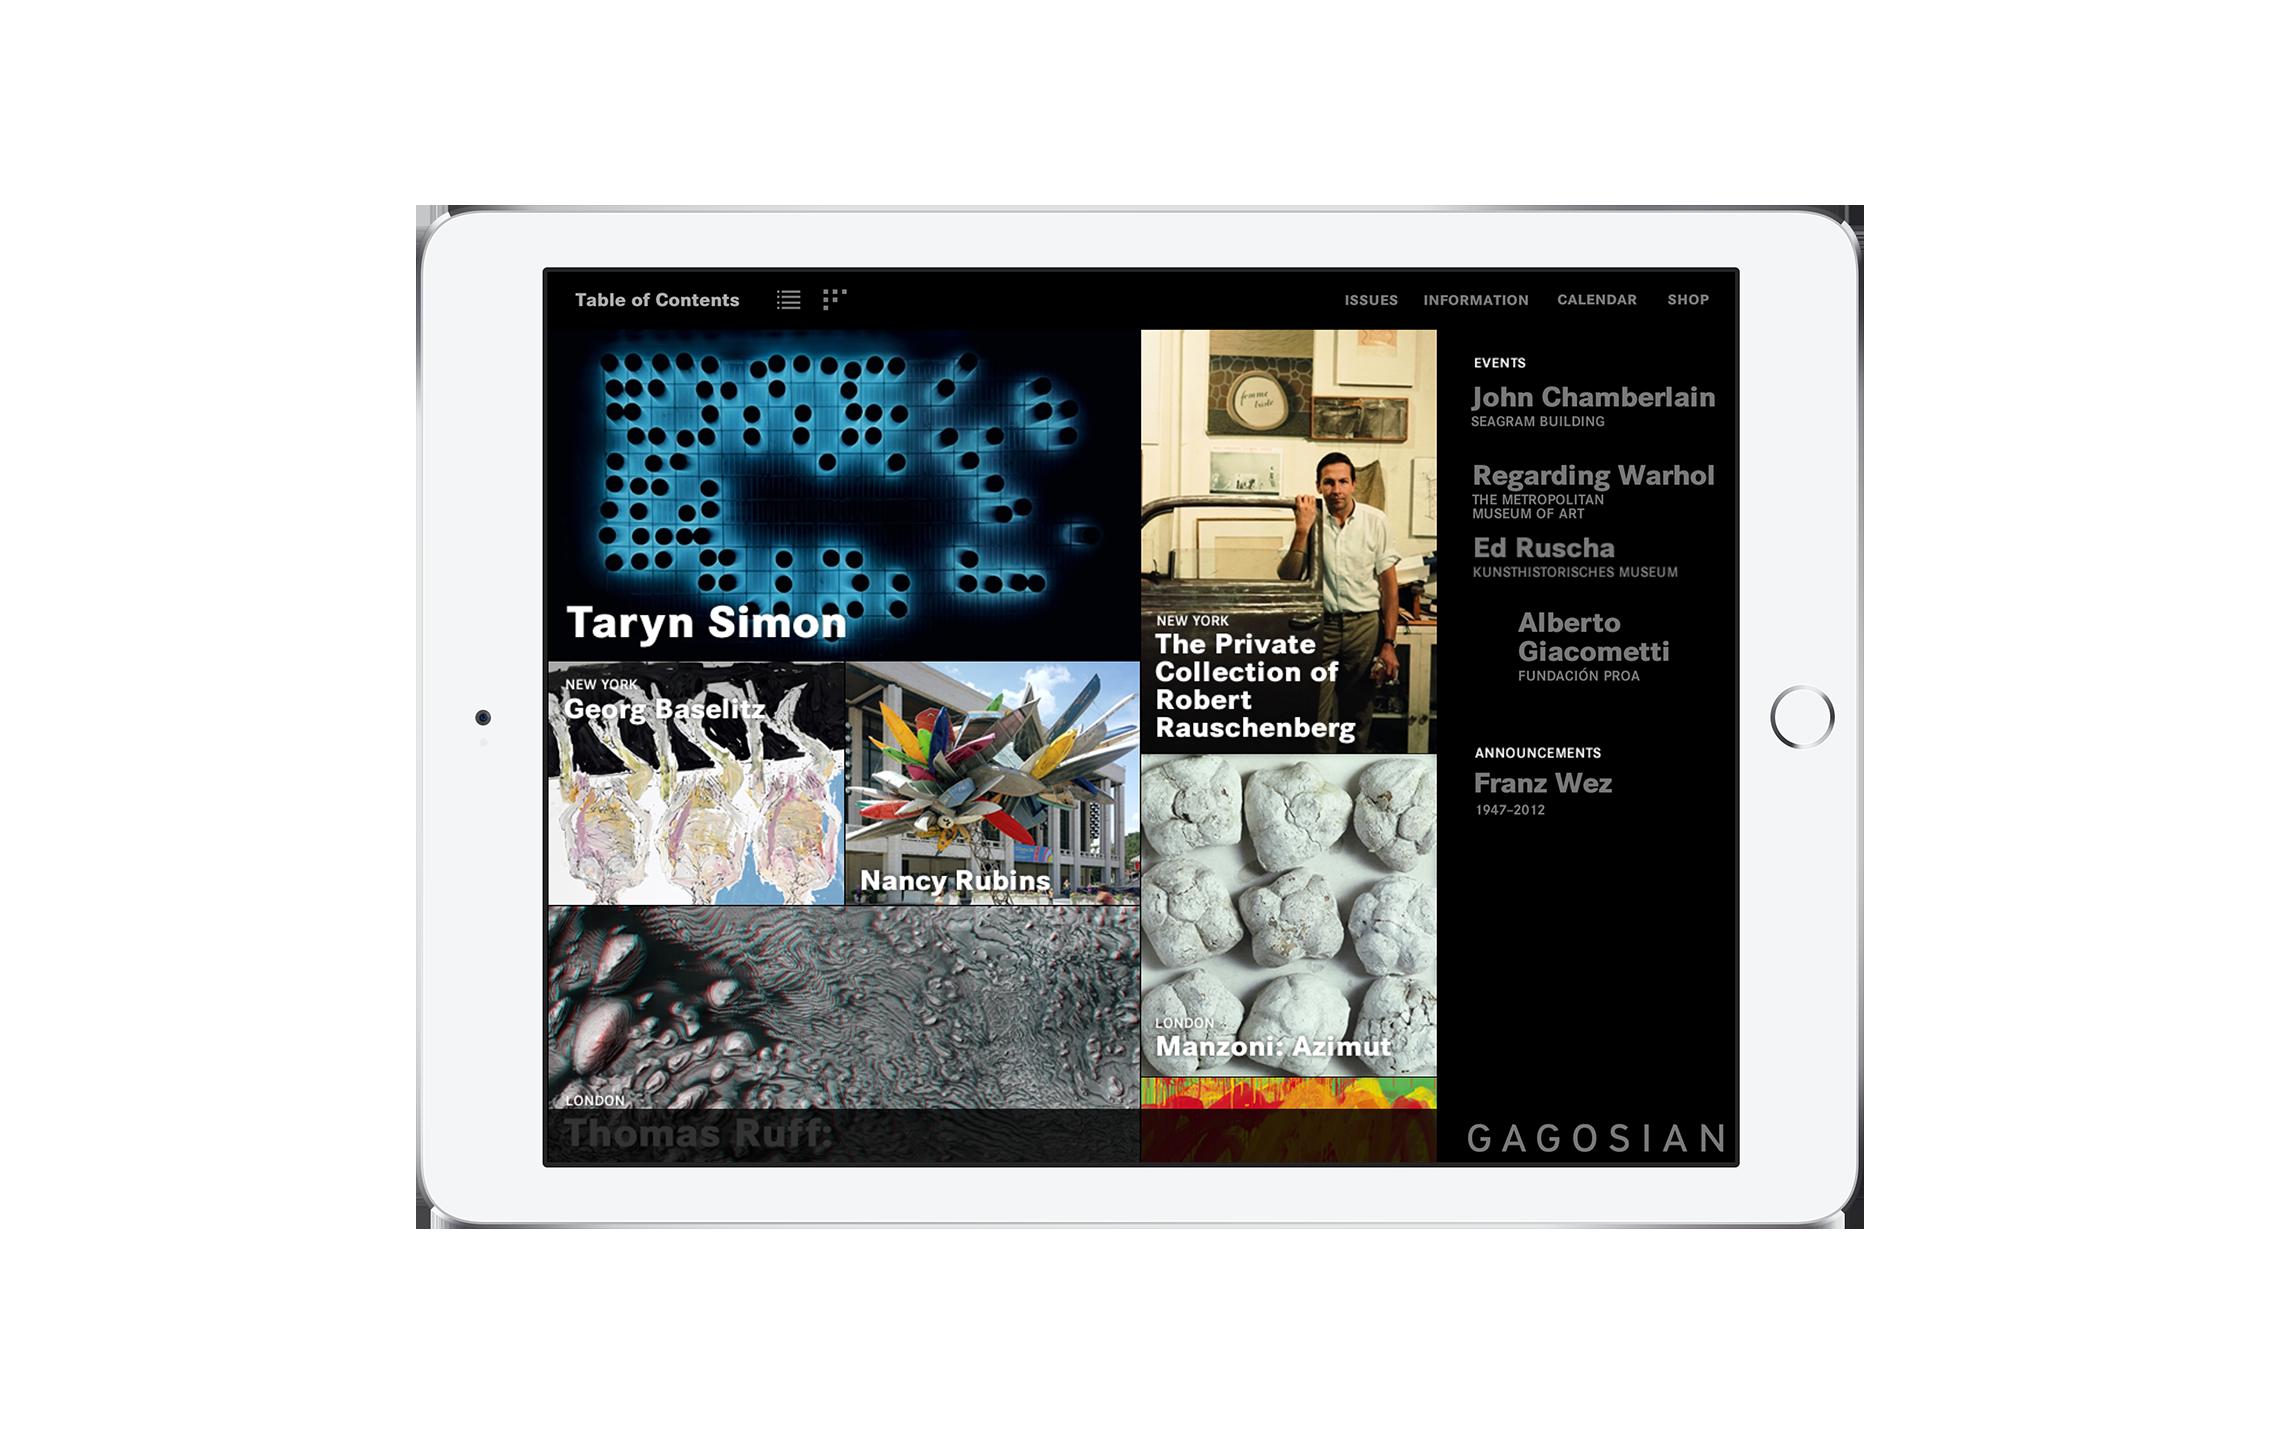 iPad_2280_Gagosian_0c